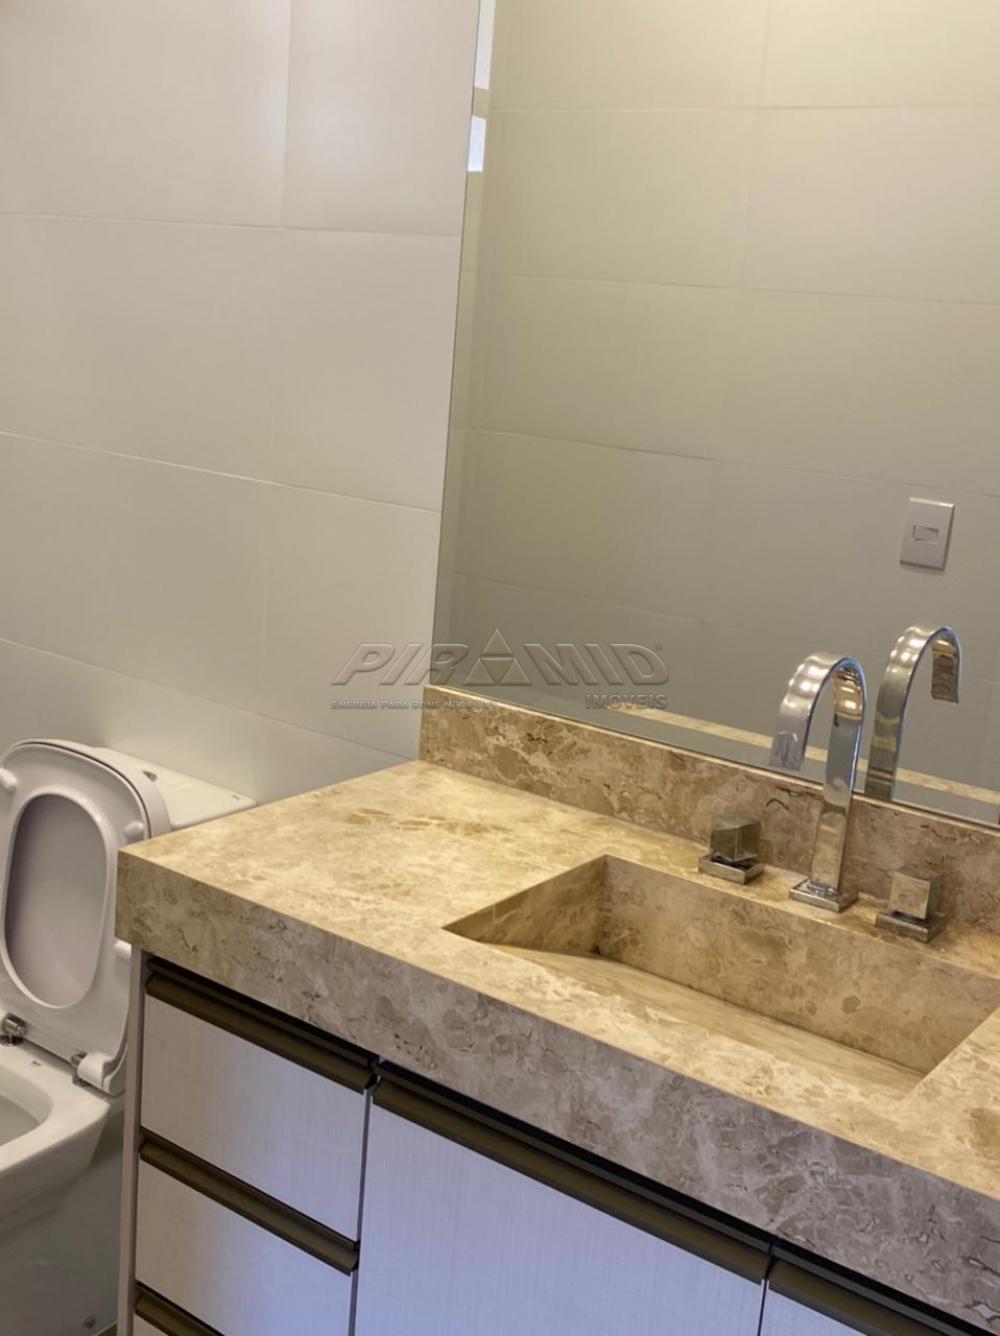 Comprar Casa / Condomínio em Ribeirão Preto R$ 1.200.000,00 - Foto 6